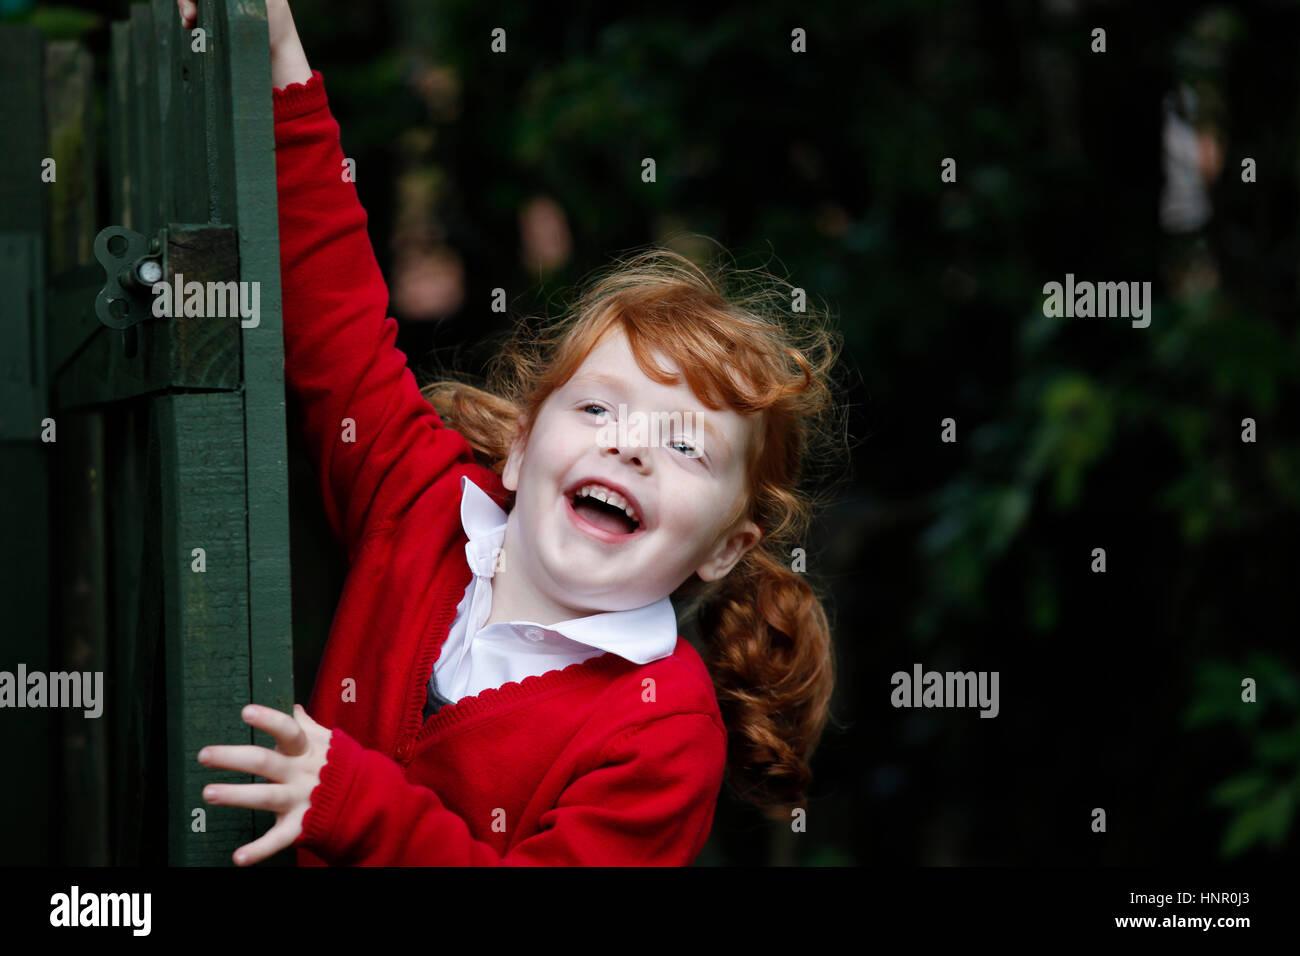 Kleines Mädchen, 4 Jahre, tragen ihre Schuluniform in einem Garten. Stockbild